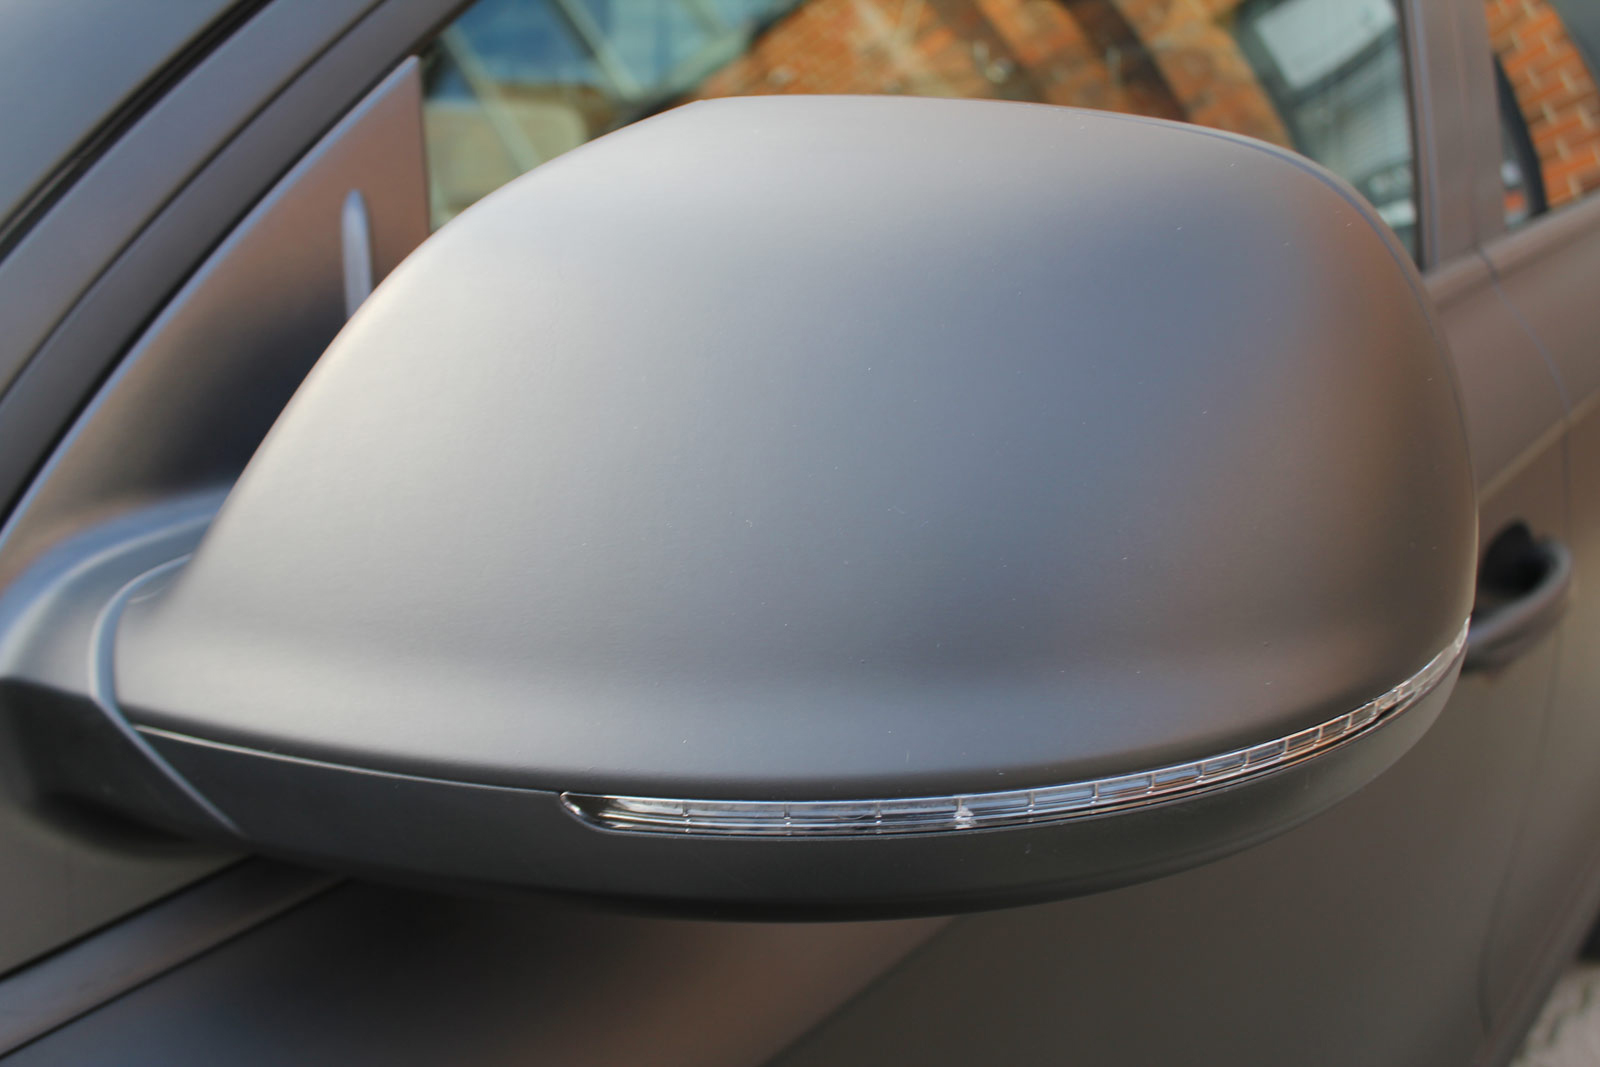 Audi_Q7_Folienbeklebung_Schwarz_Ultramatt_25